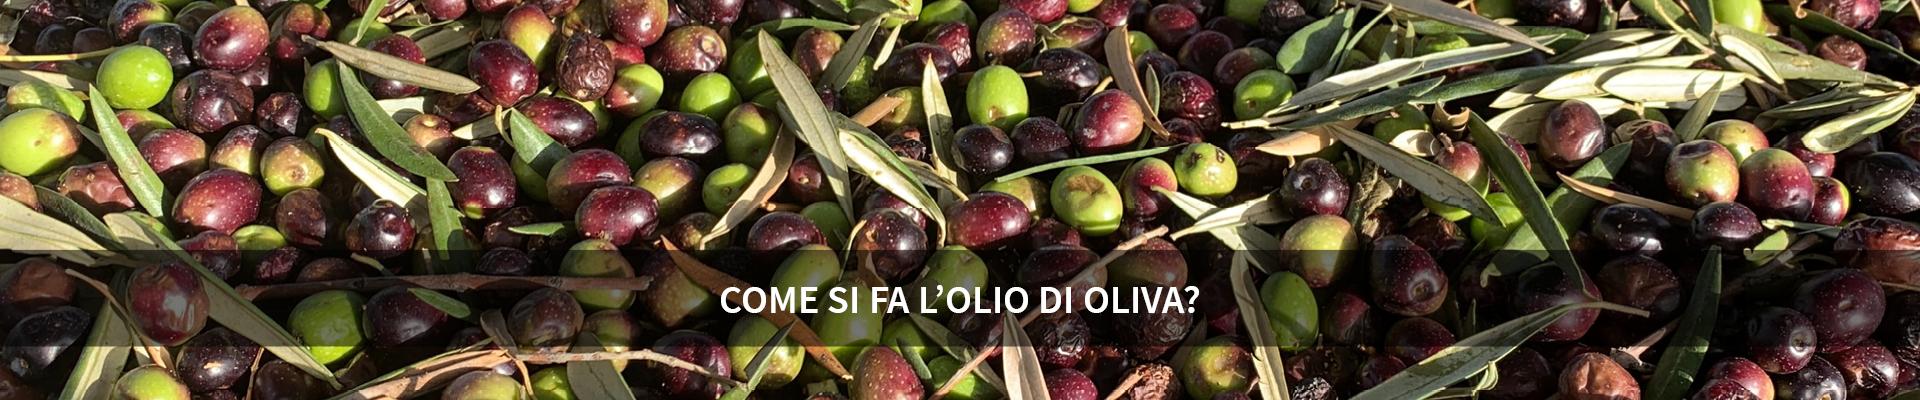 Scopri con noi come si produce l'olio di oliva ! -